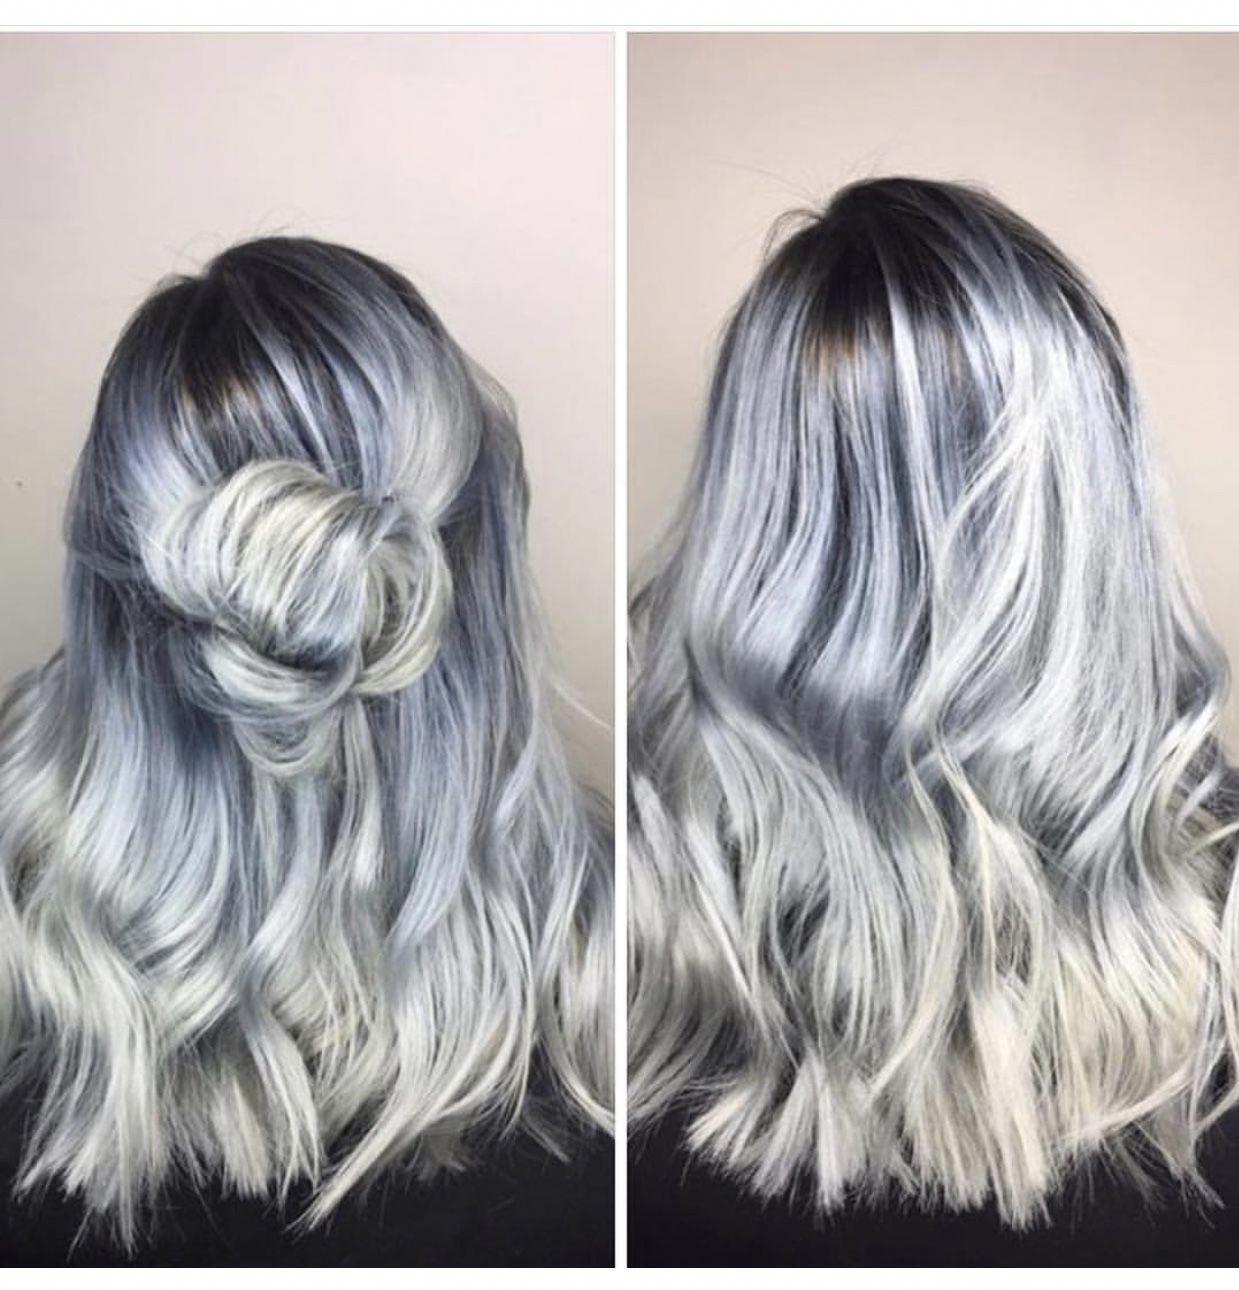 O P A L O N Y X Arizona Light Blue Hair Silver Hair Icy Hair Blueombrehair Light Blue Hair Silver Blue Hair Hair Highlights